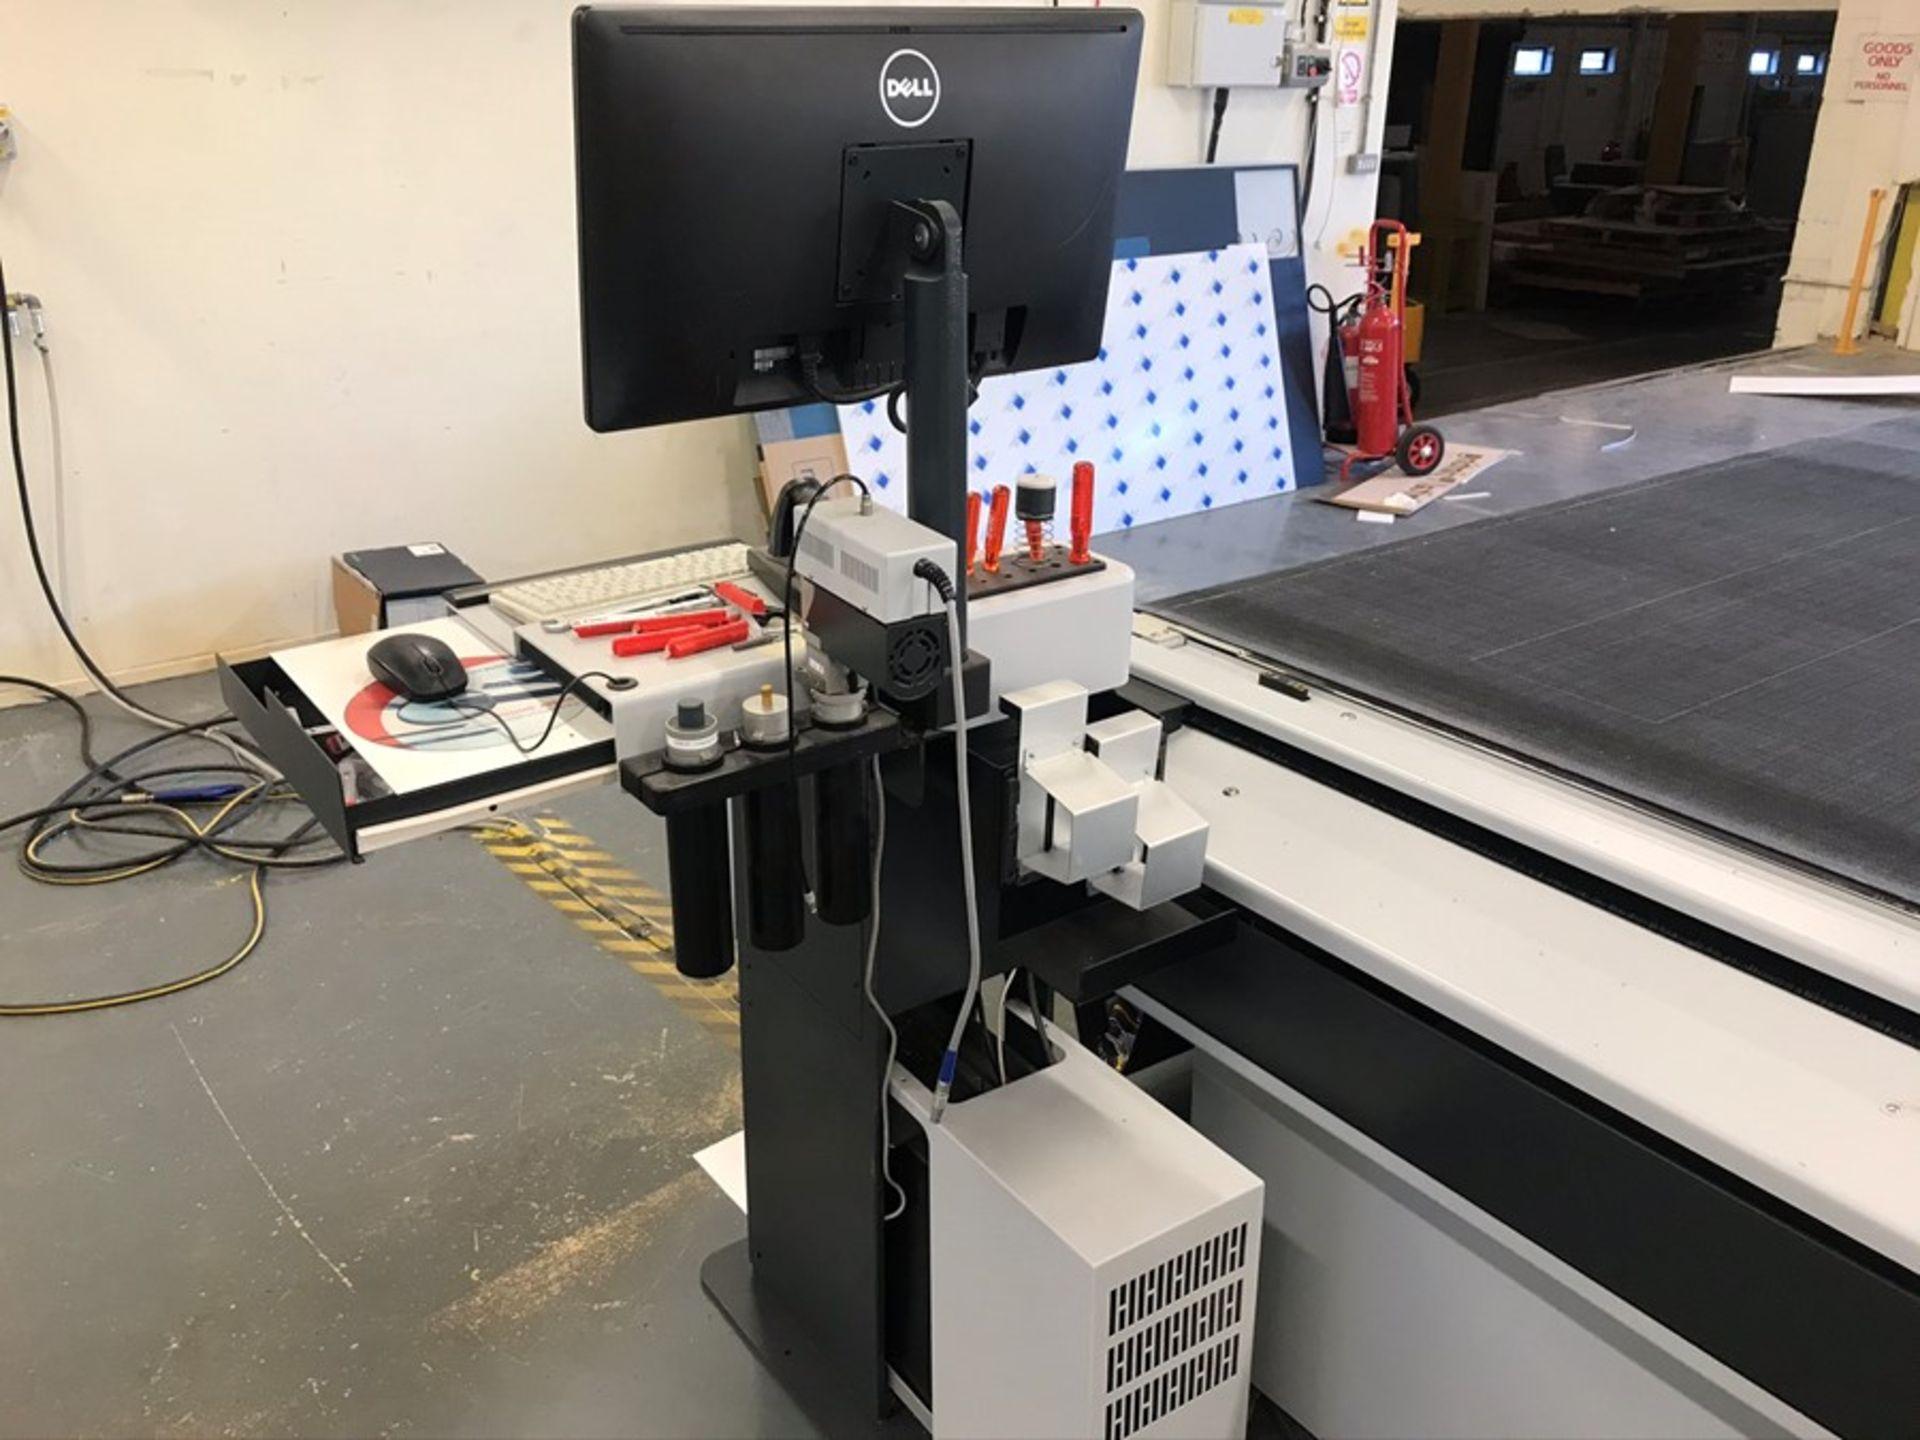 Zund G3 3XL-3200CV digital cutter (2014) - Image 29 of 37